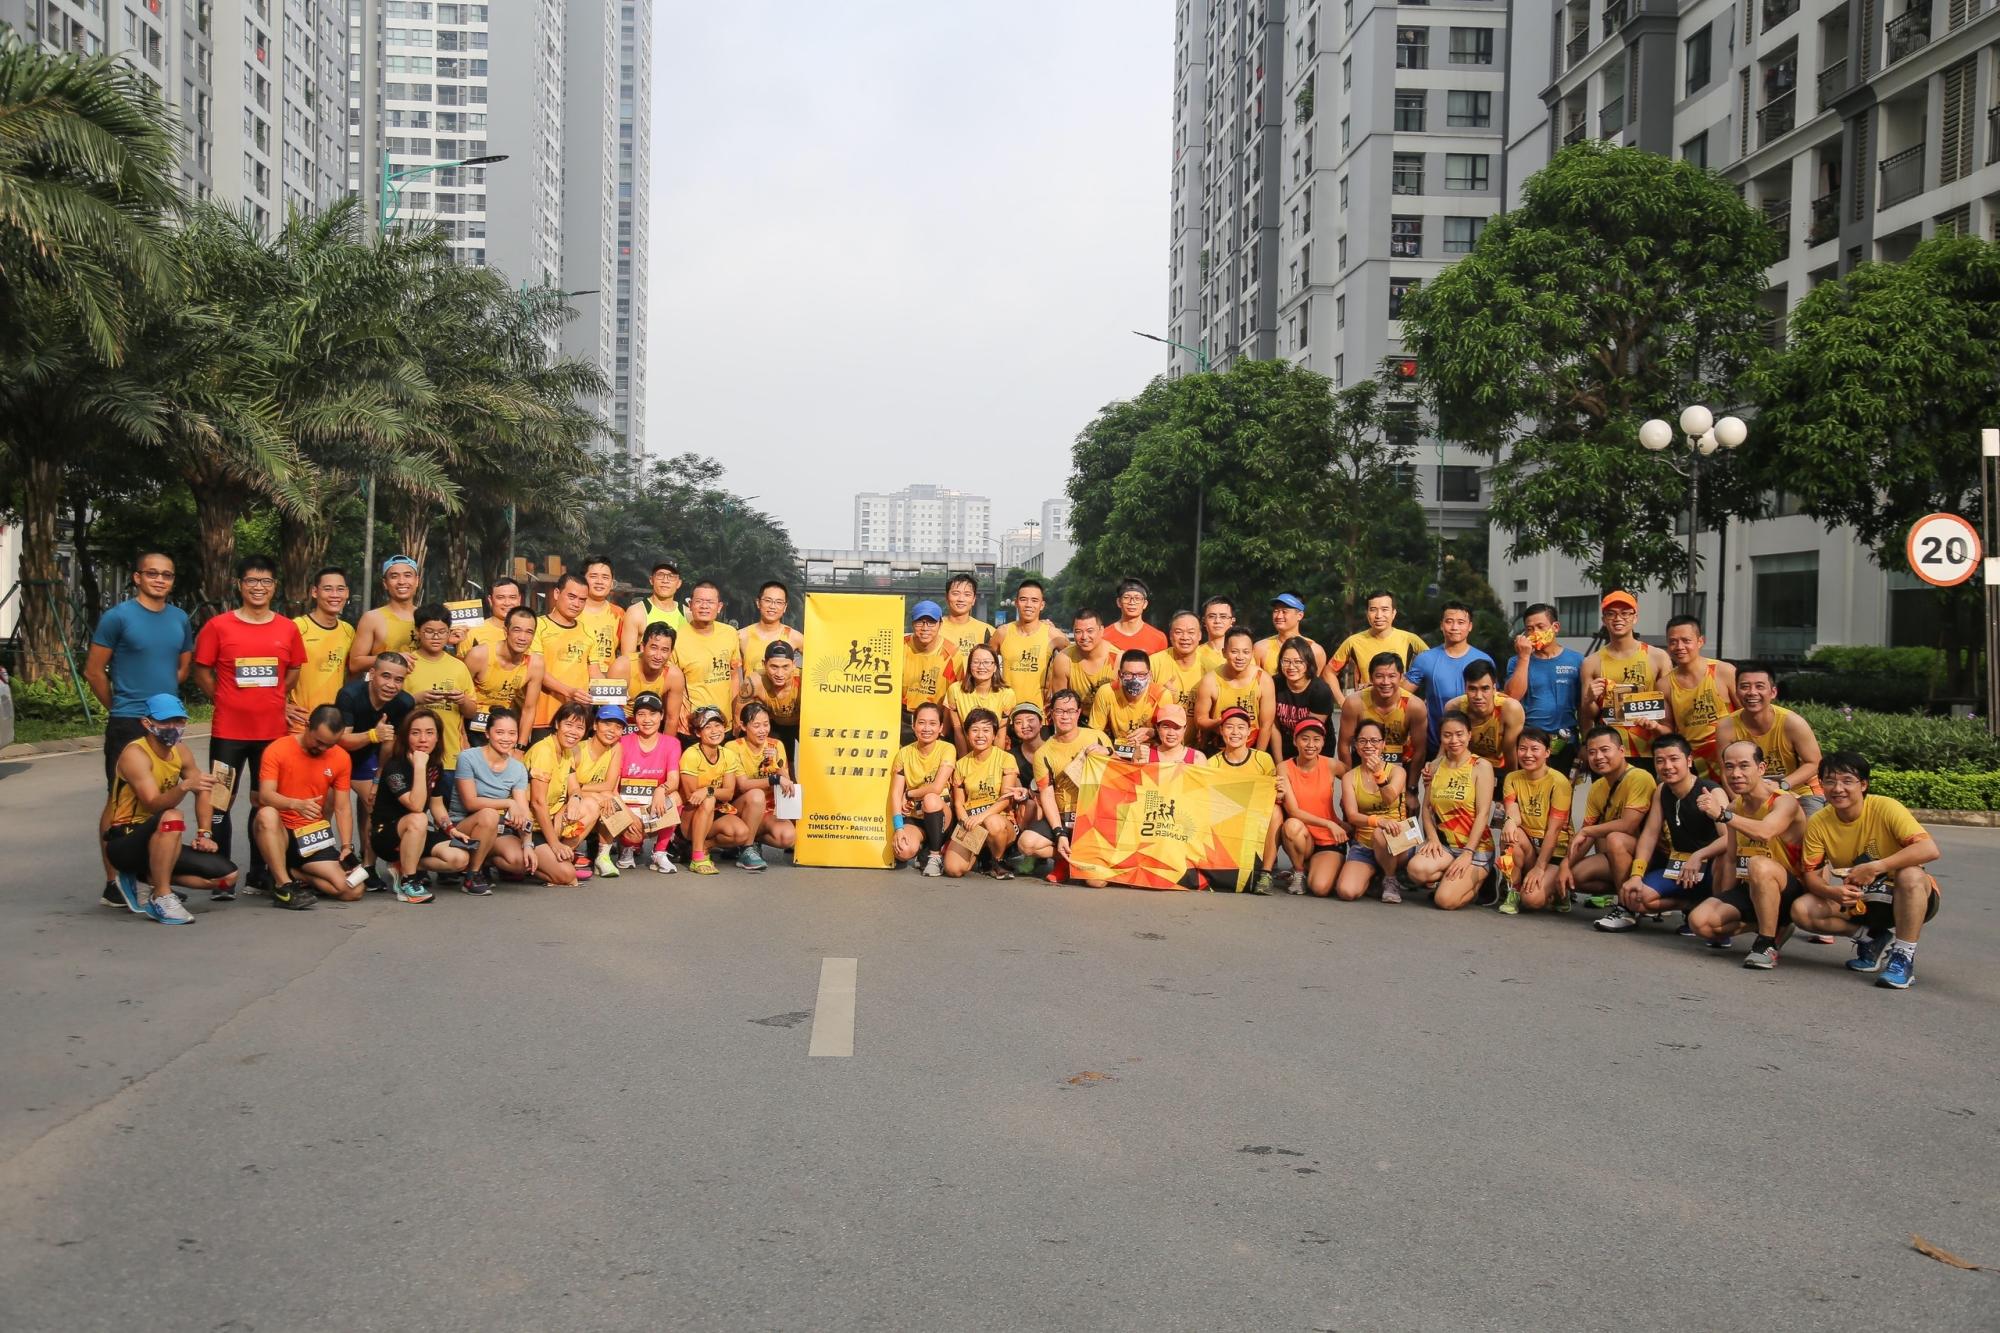 Times Runners running team member in uniform yellow shirt.